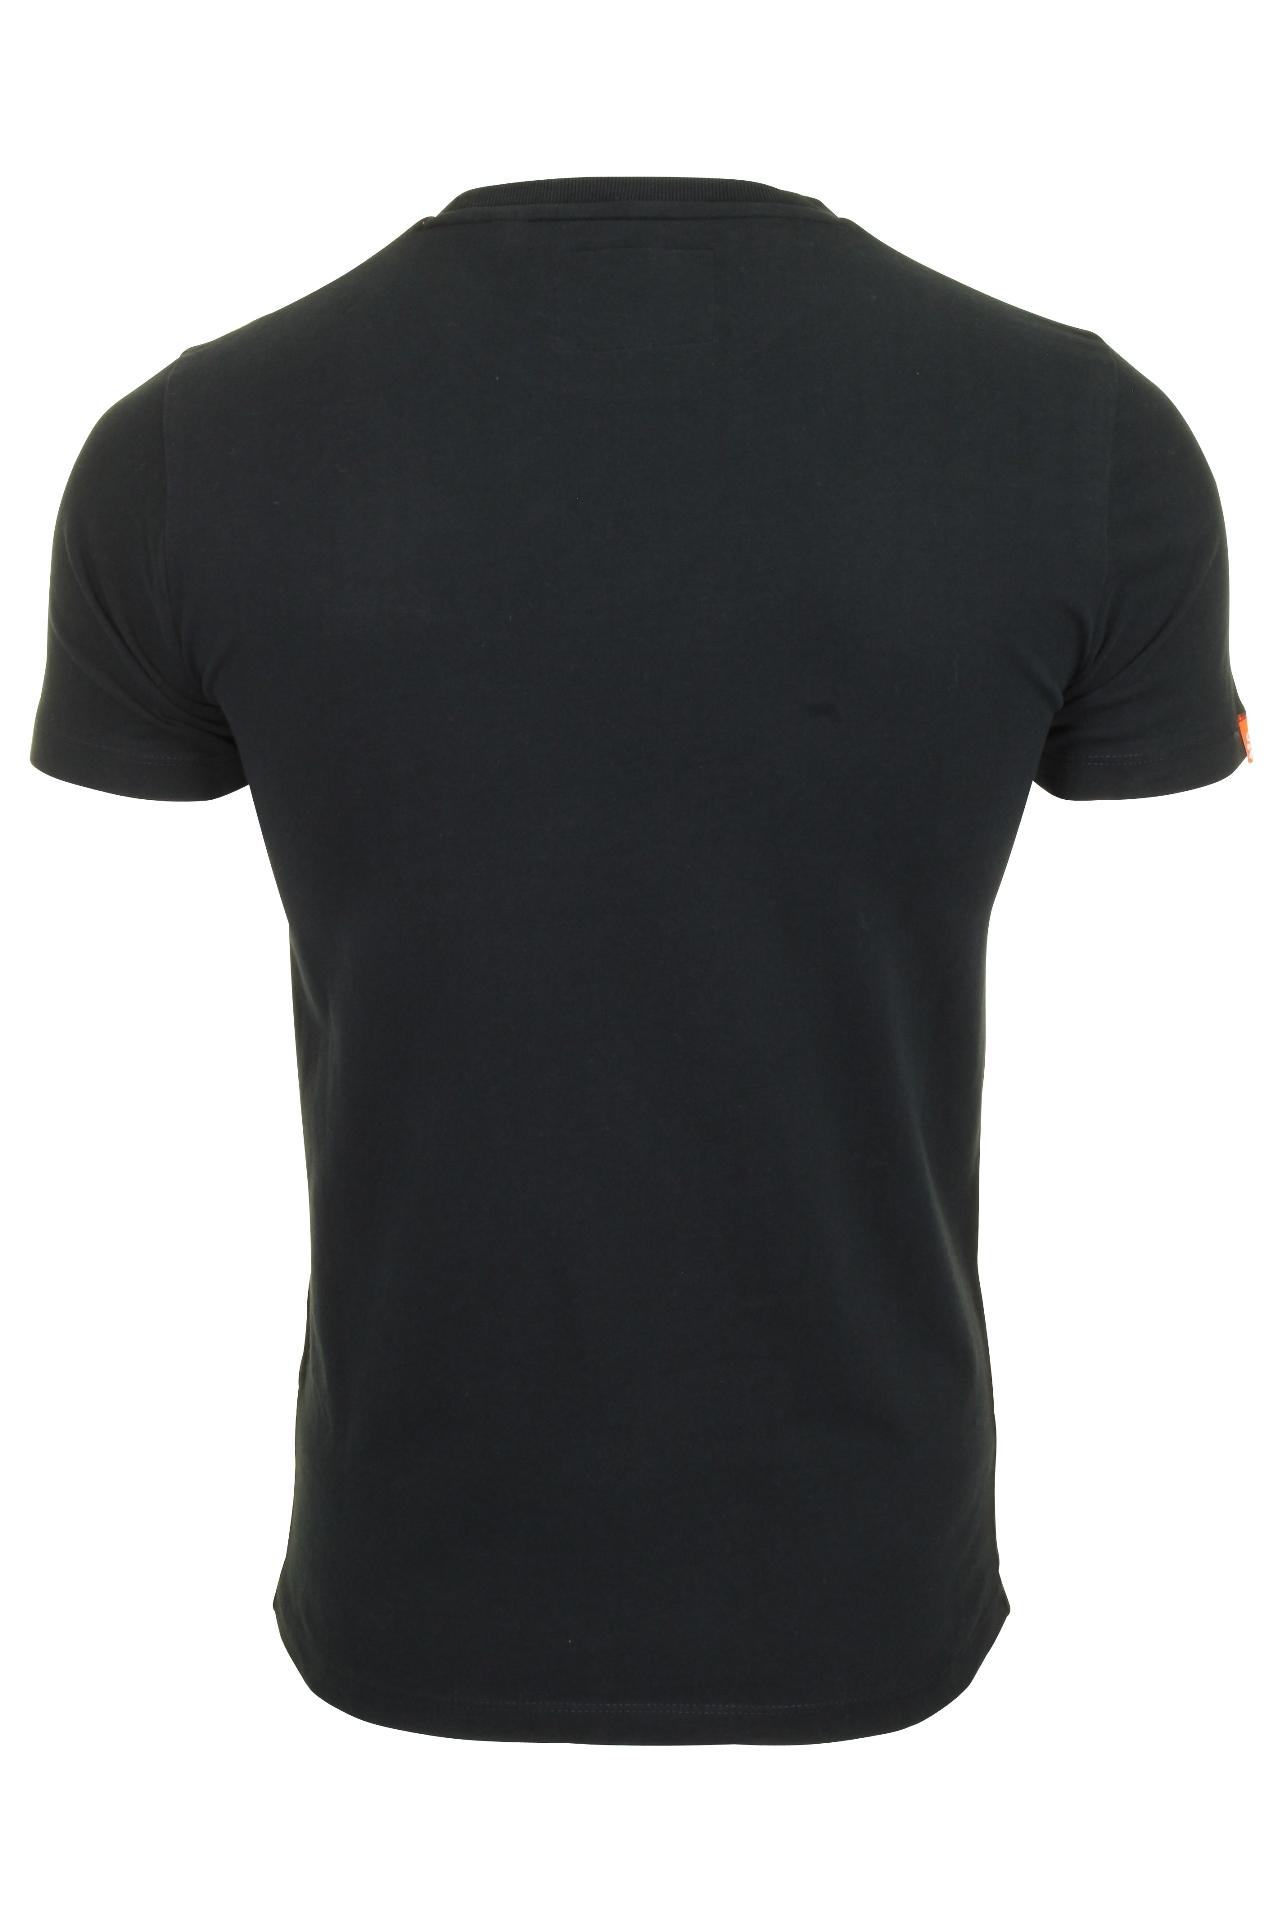 Camisa-Para-Hombres-039-Orange-Label-Vintage-de-039-Cuello-Redondo-Camiseta miniatura 8